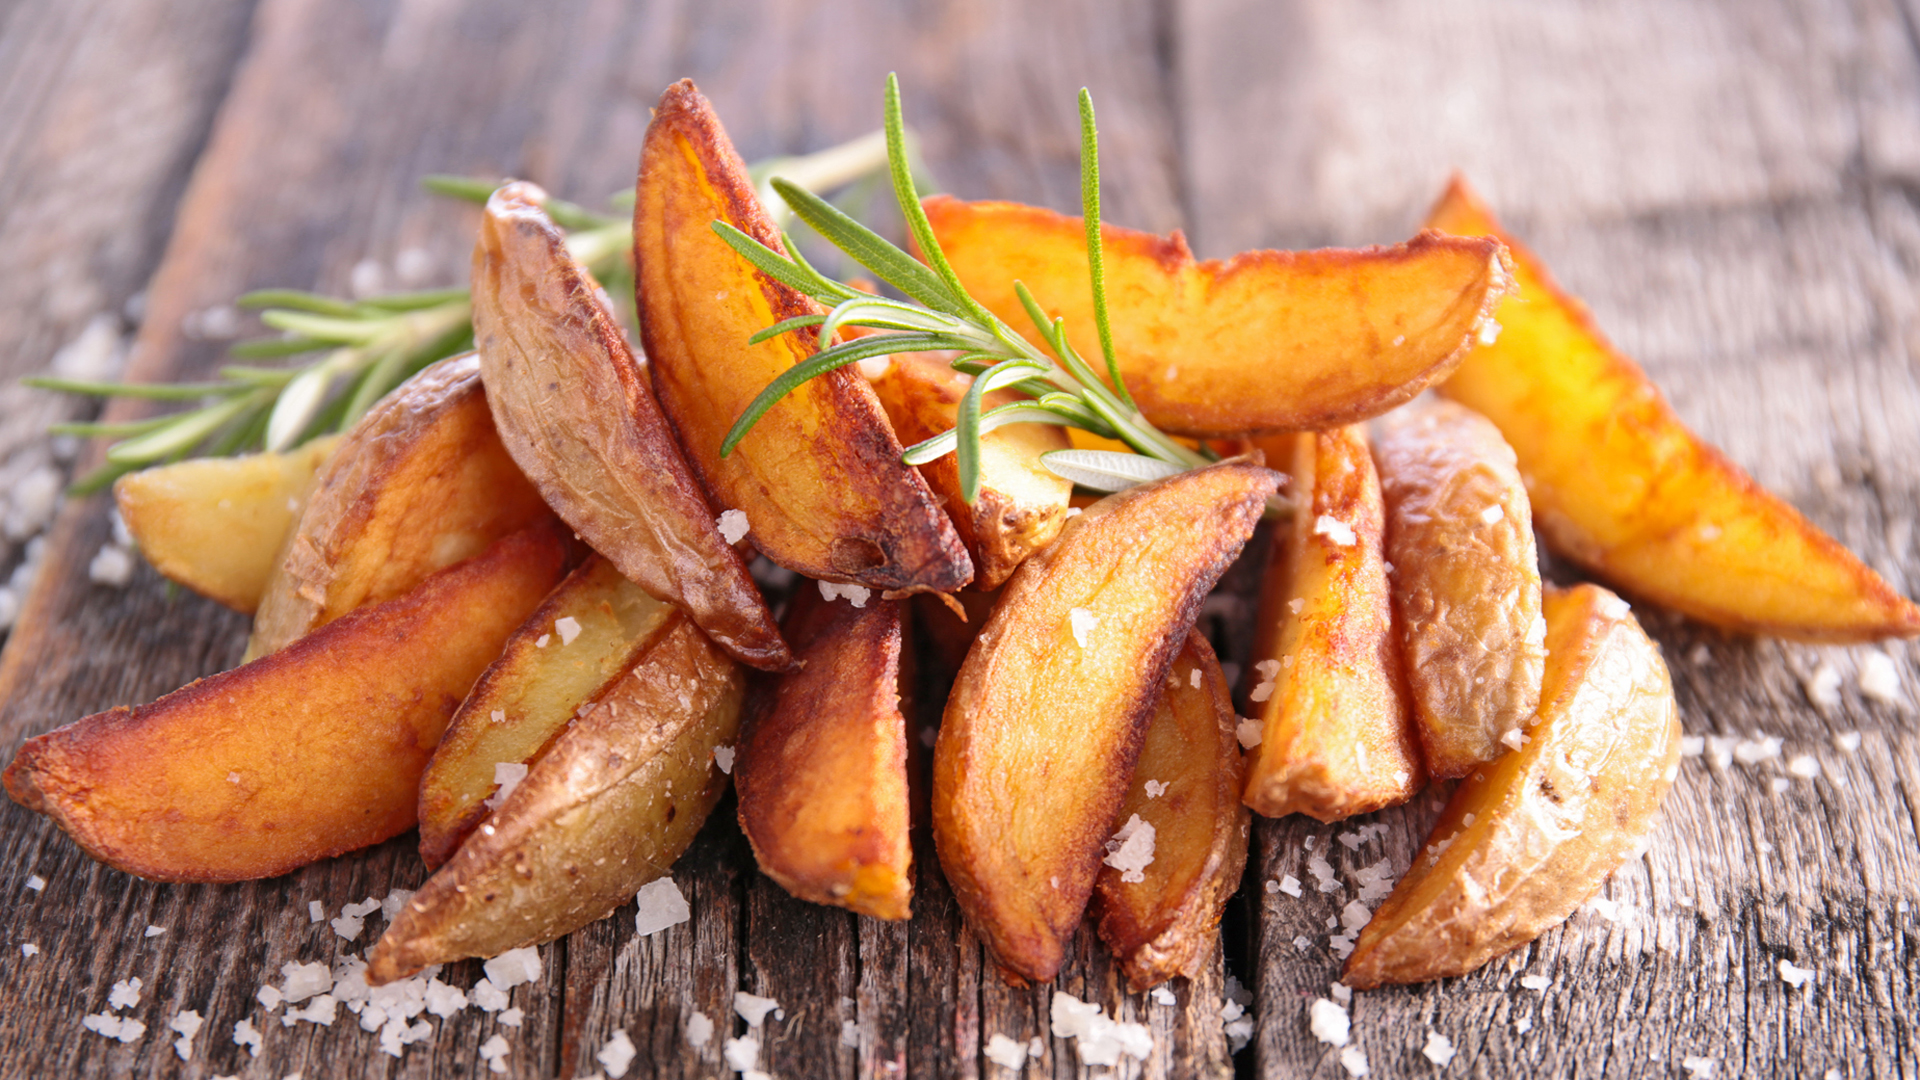 Las papas fritan pueden, según un estudio, aumentar el riesgo de muerte prematura (iStock)